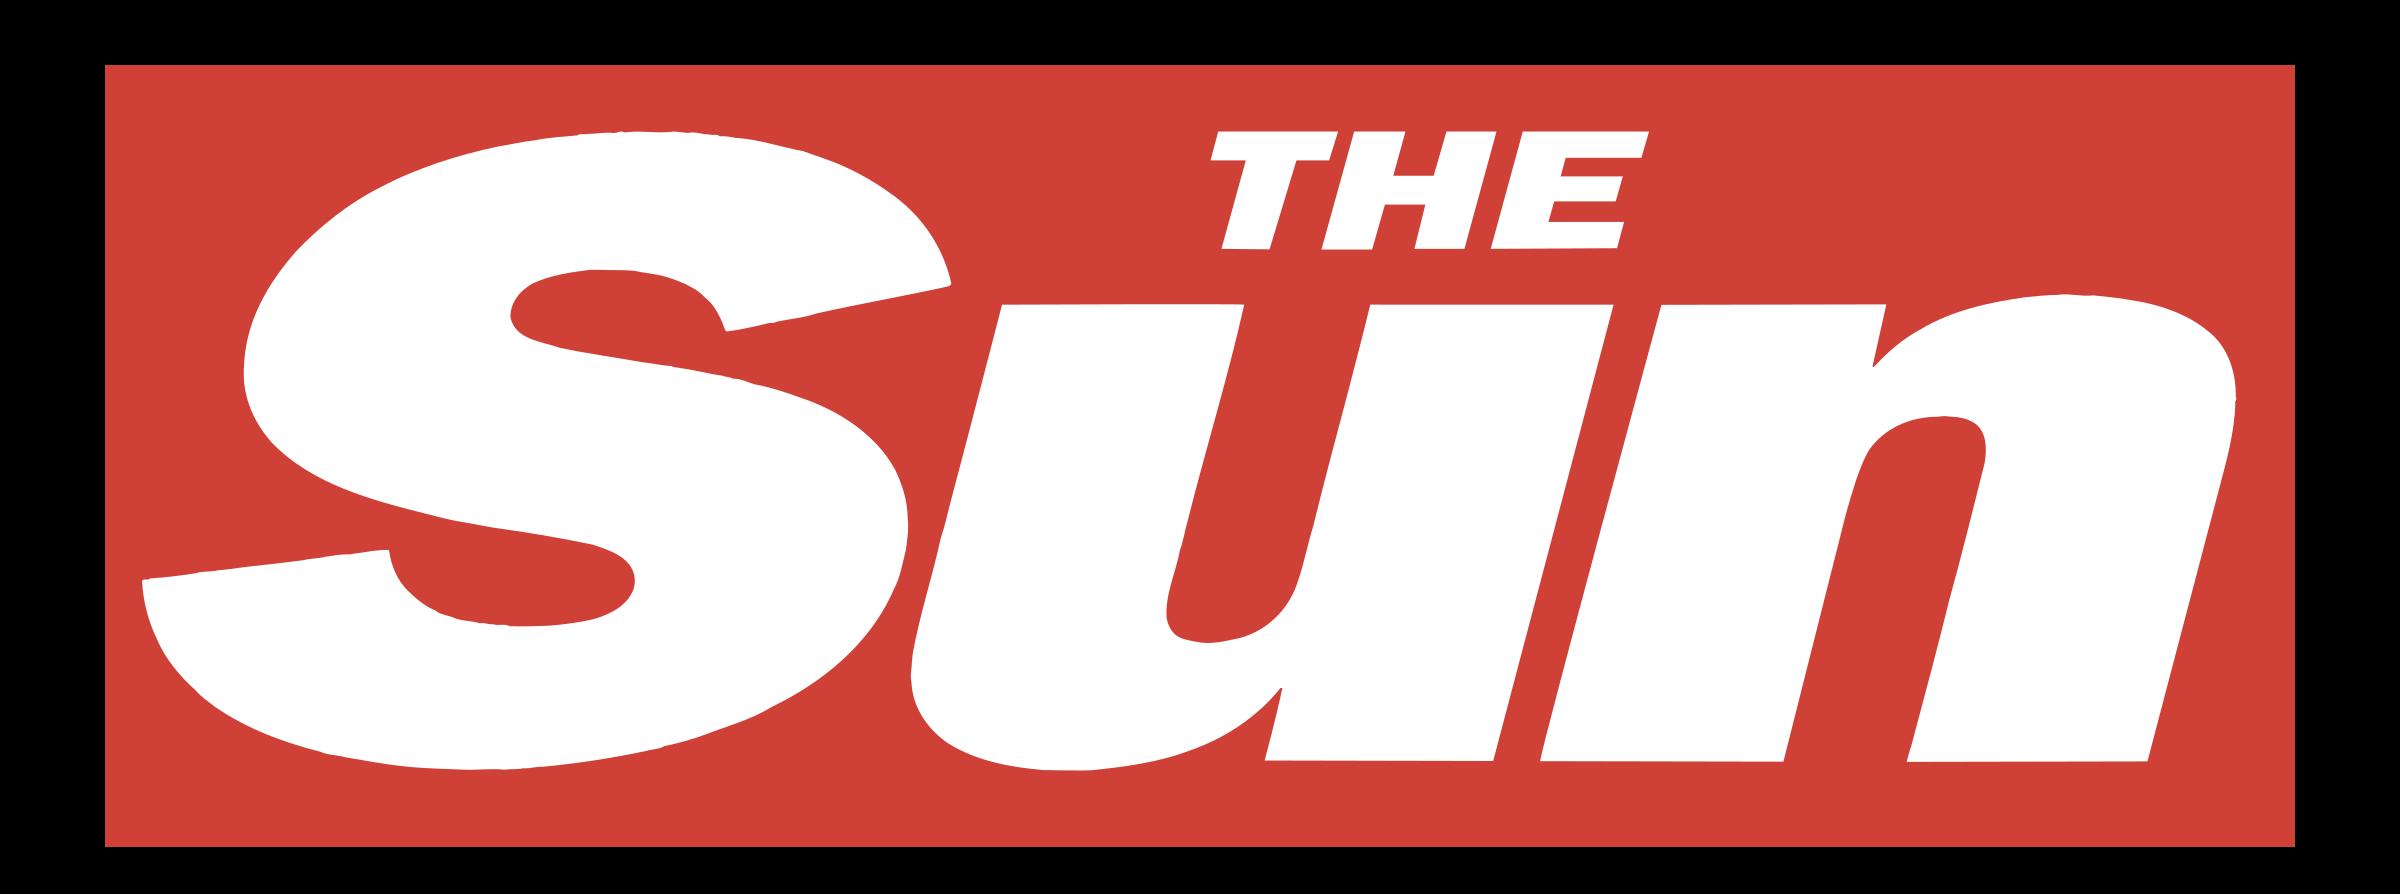 the-sun-newspaper-logo-png-transparent